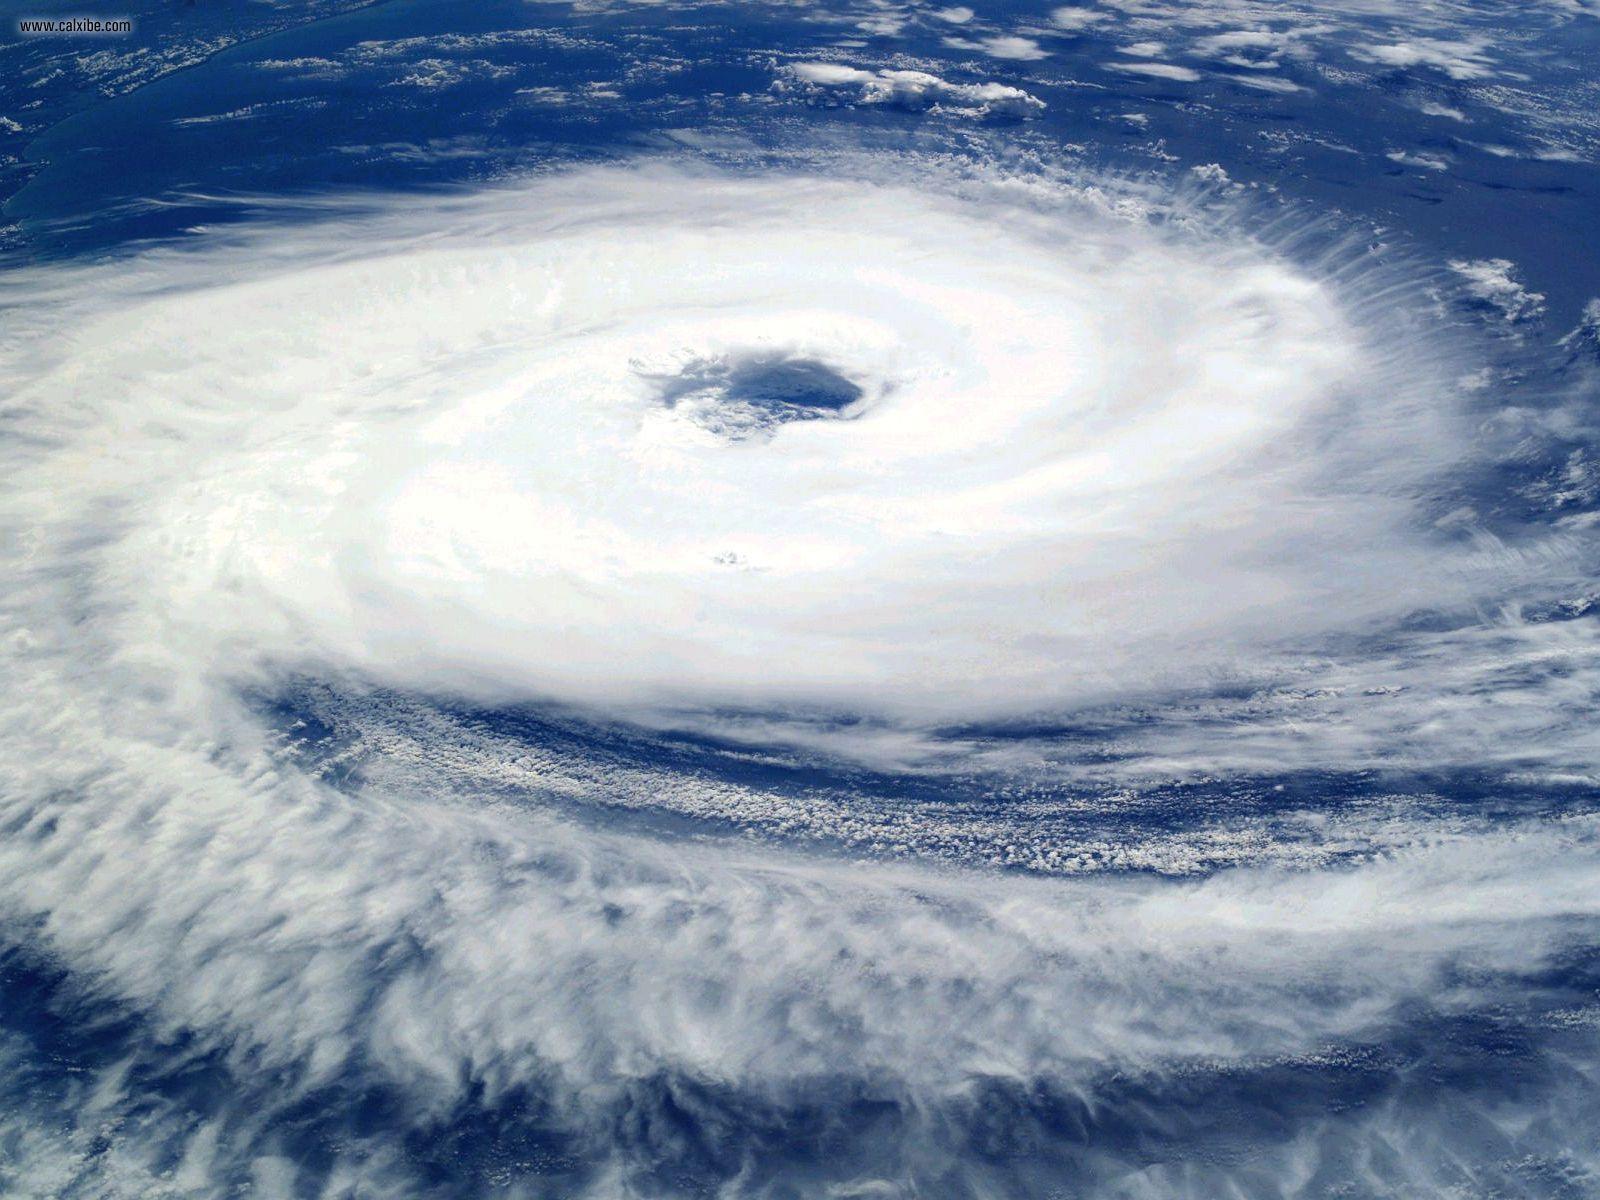 Циклон из космоса. Угадайте, на каком он полушарии Земли.